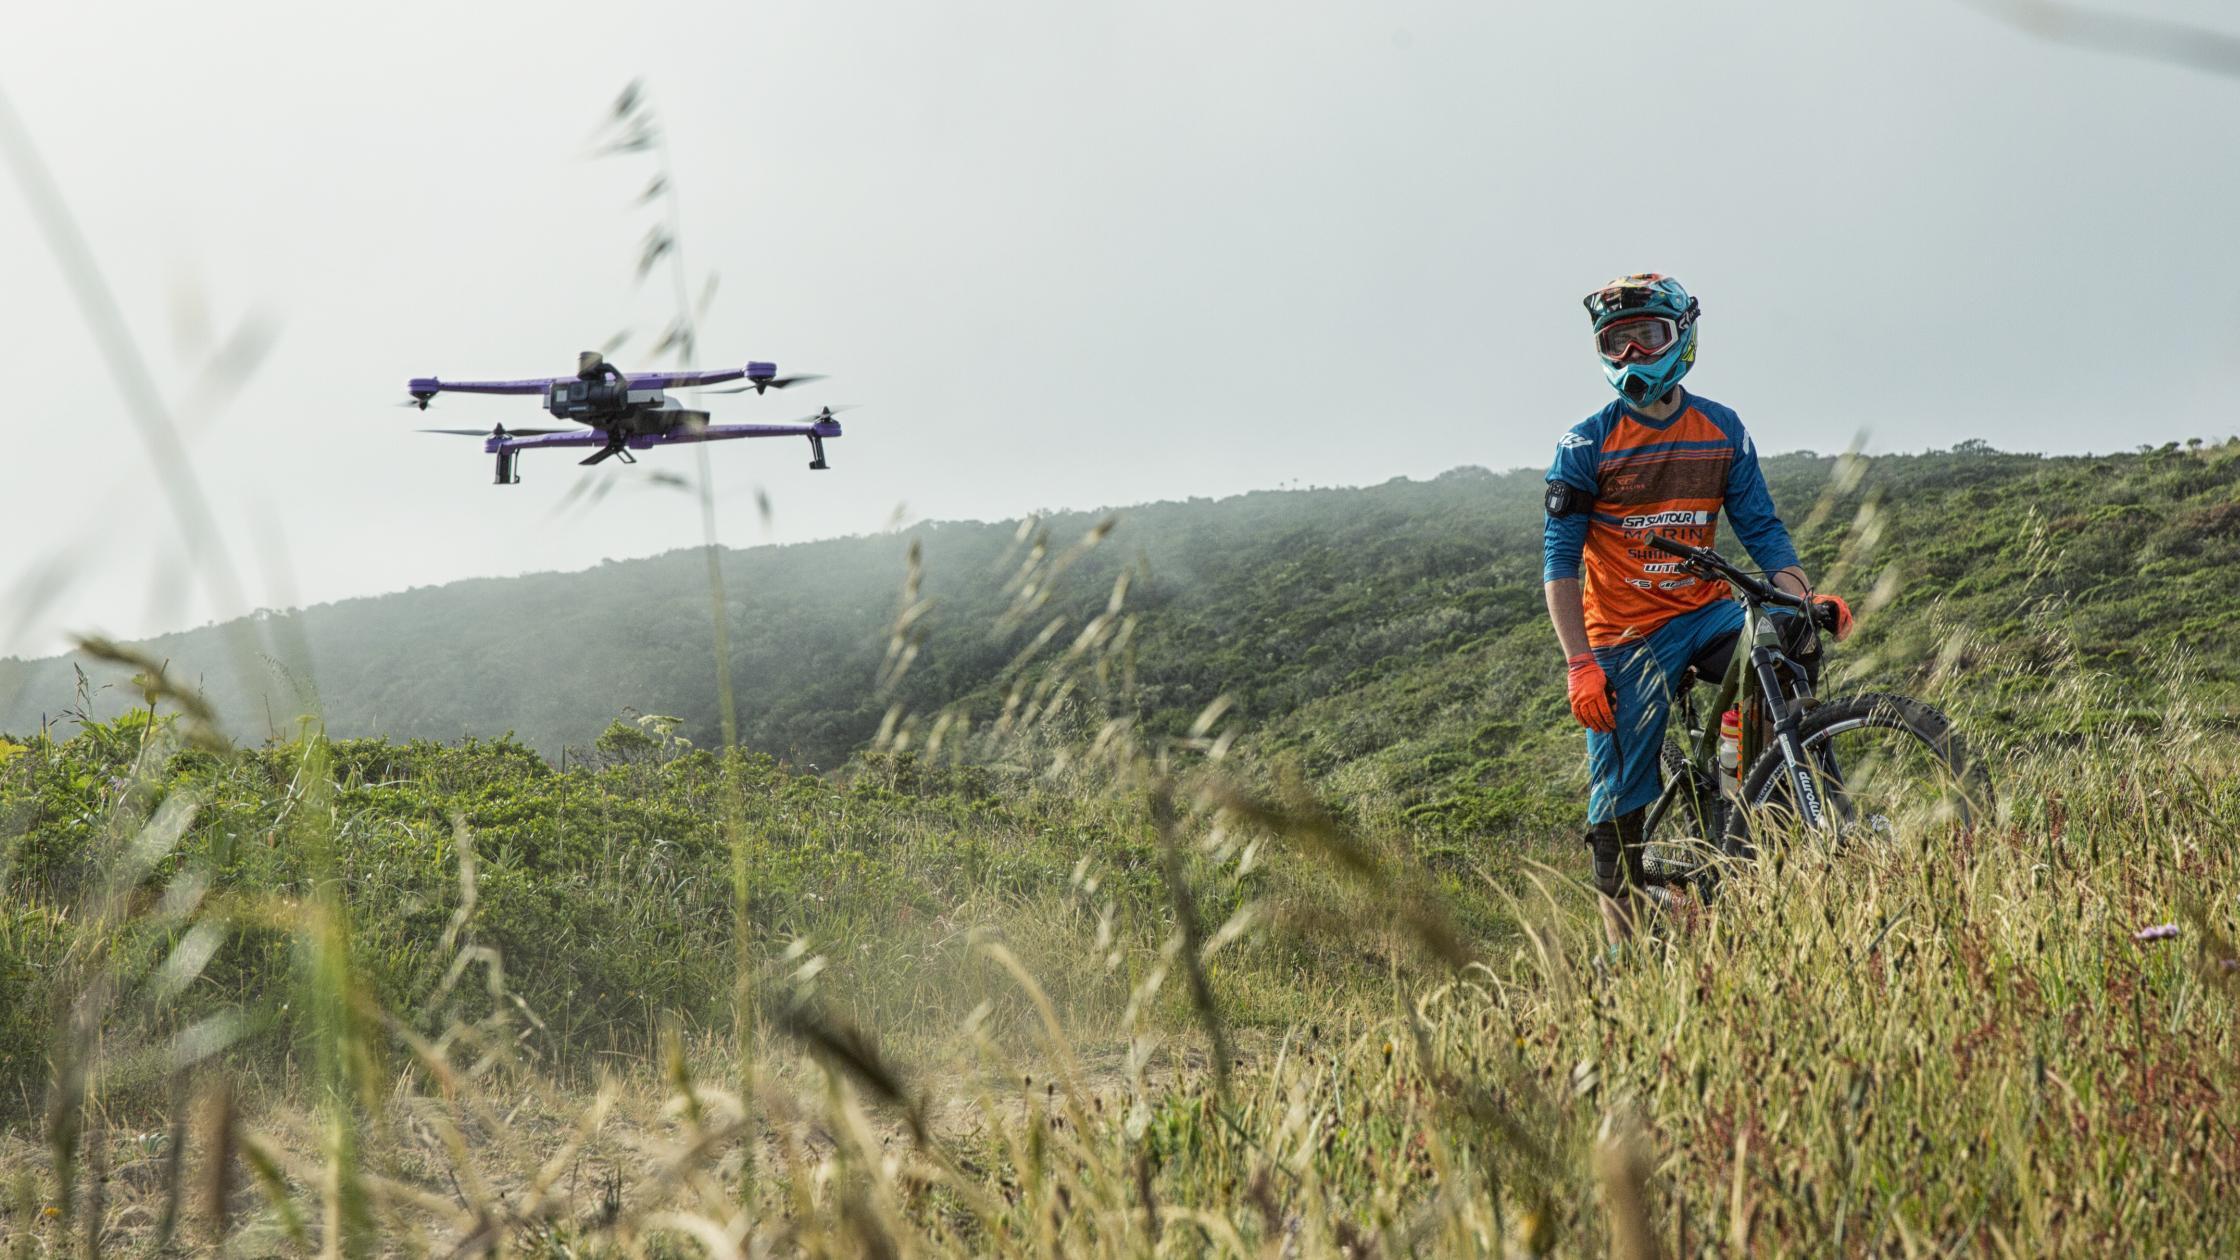 Denne dronen skal være helt «håndsfri»